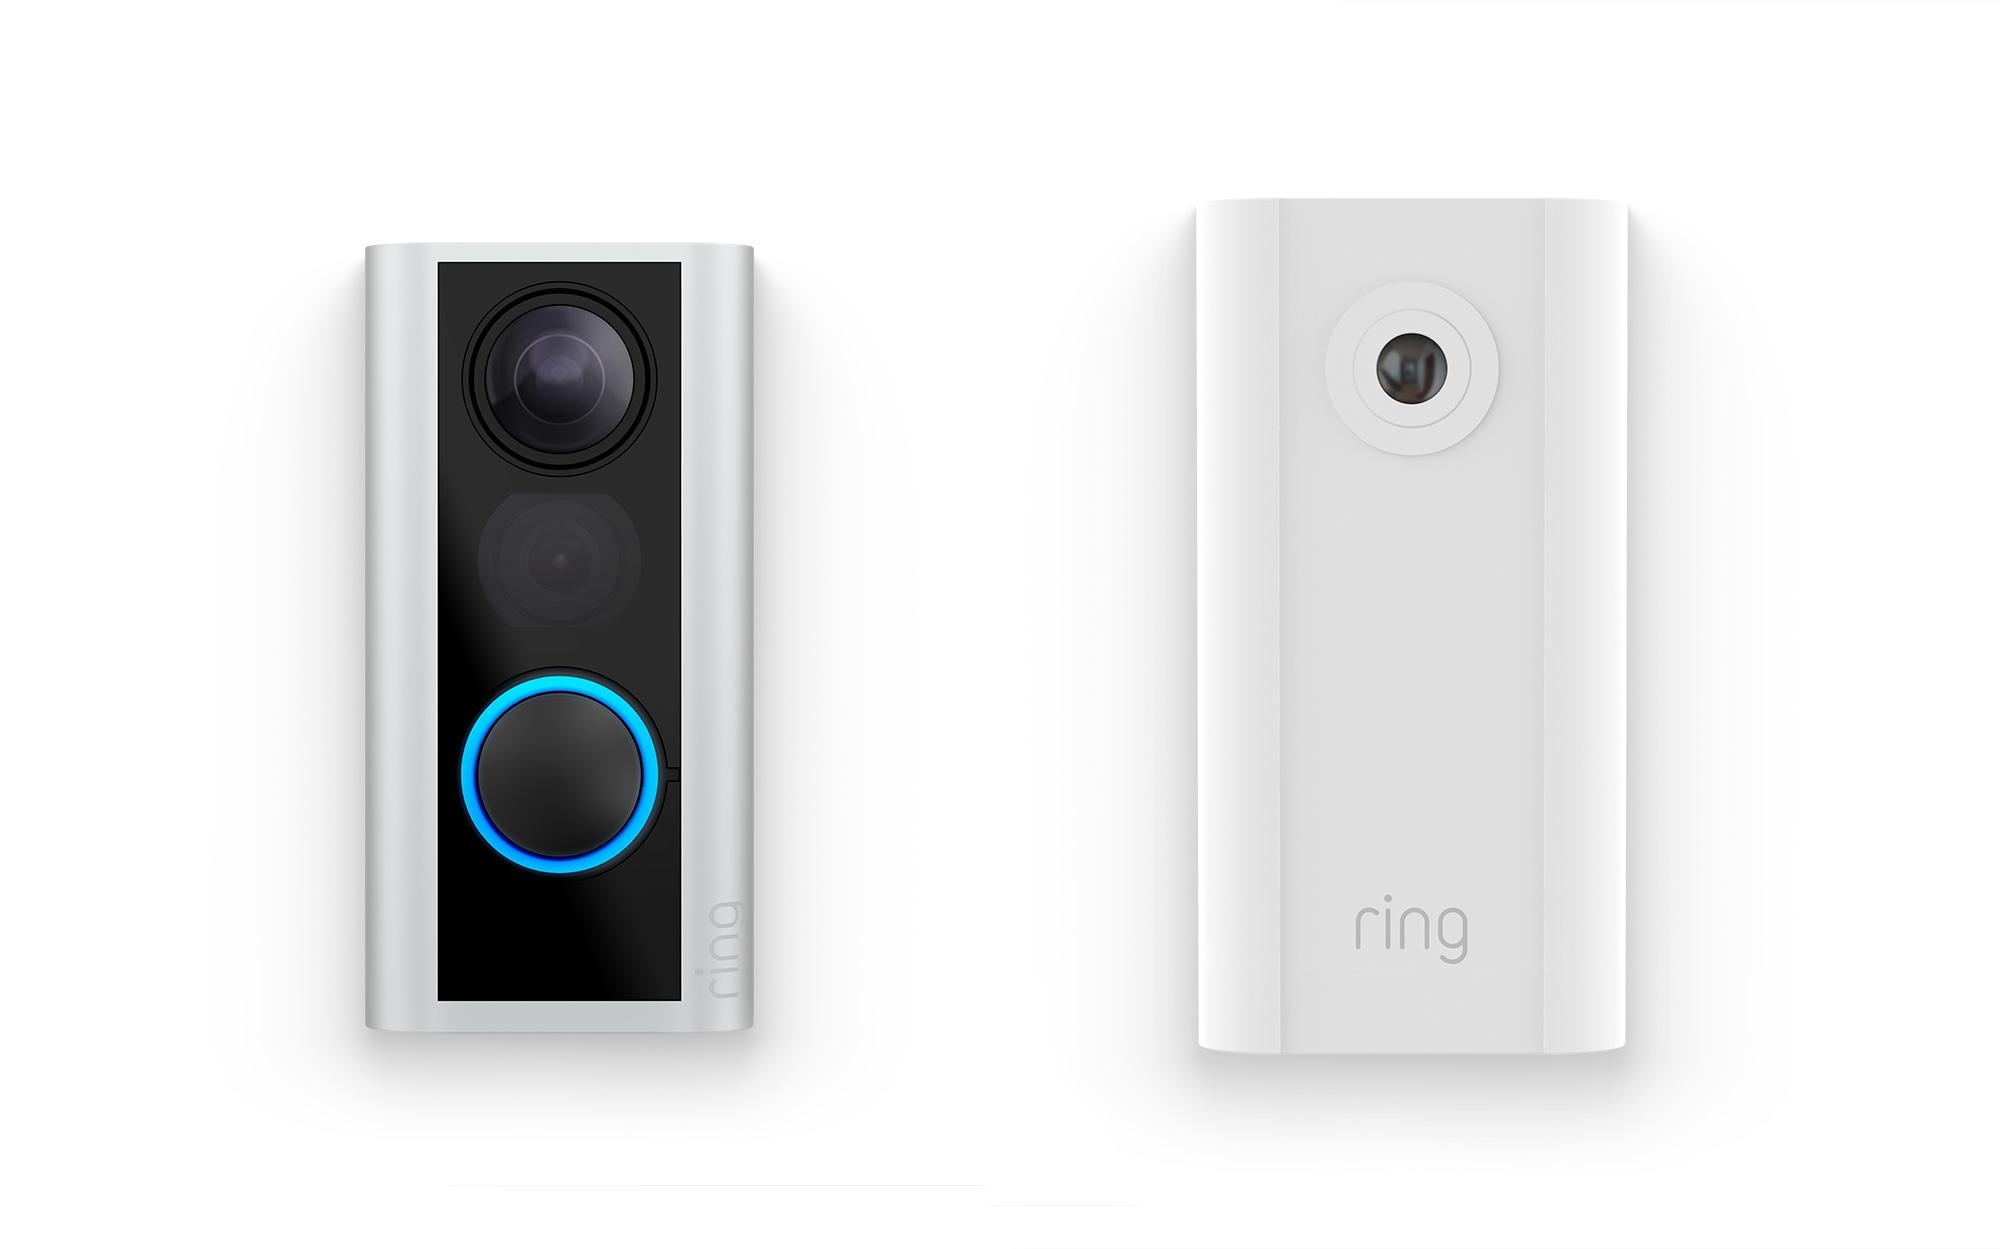 Ring Door View Cam CES 2019 voorachter